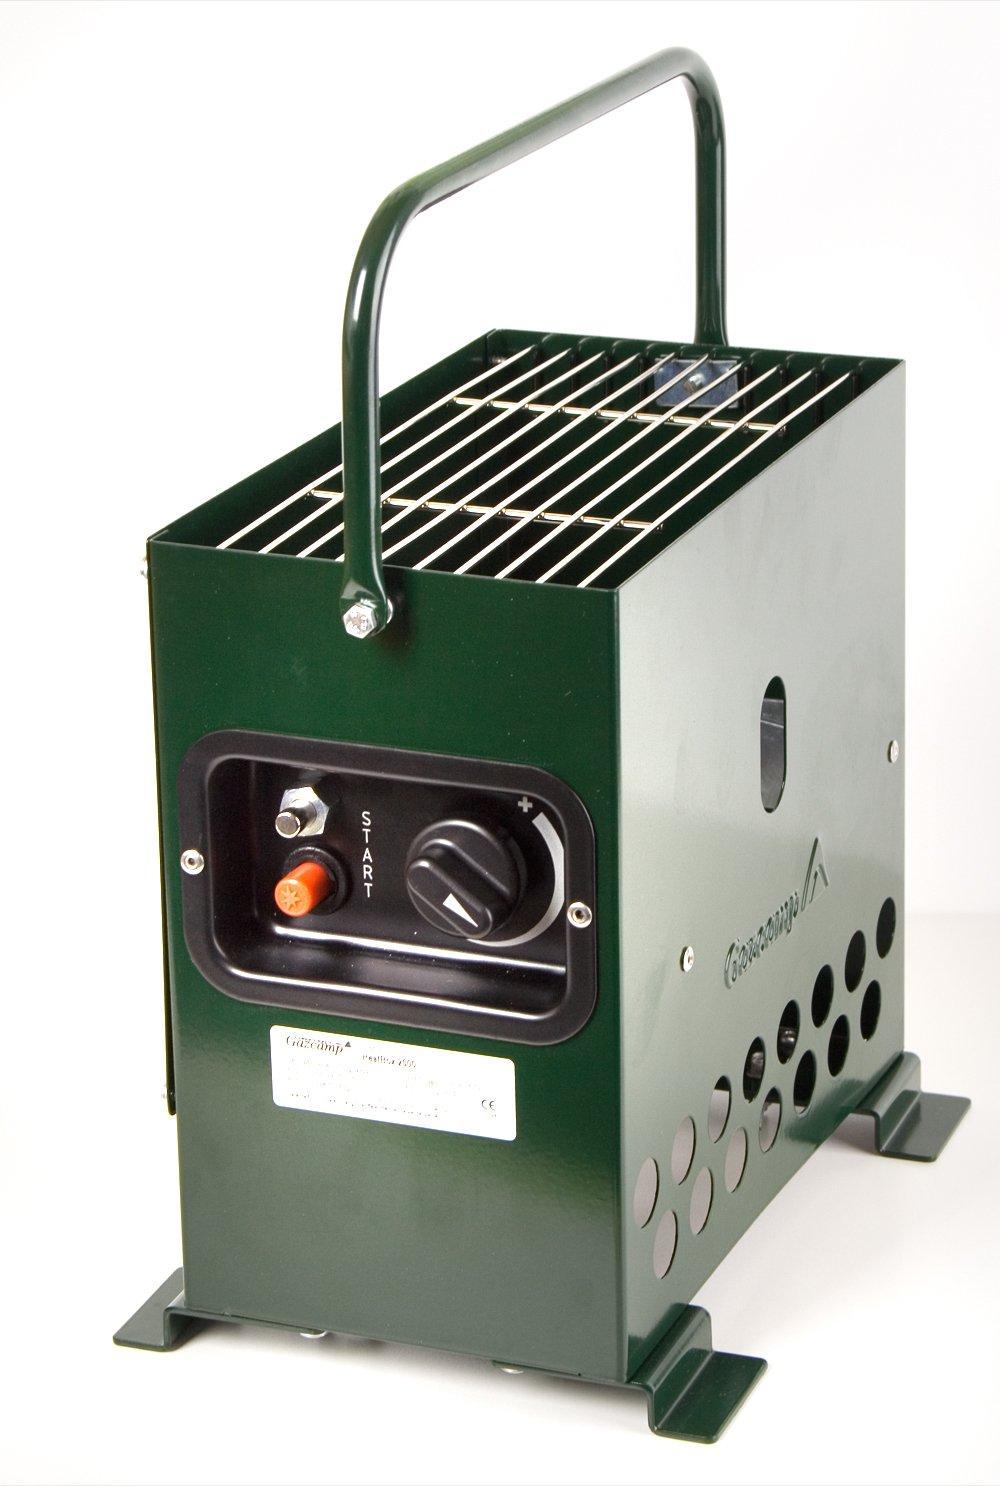 Heatbox 2000 Gasheizung Heizung  Kundenbewertung und weitere Informationen